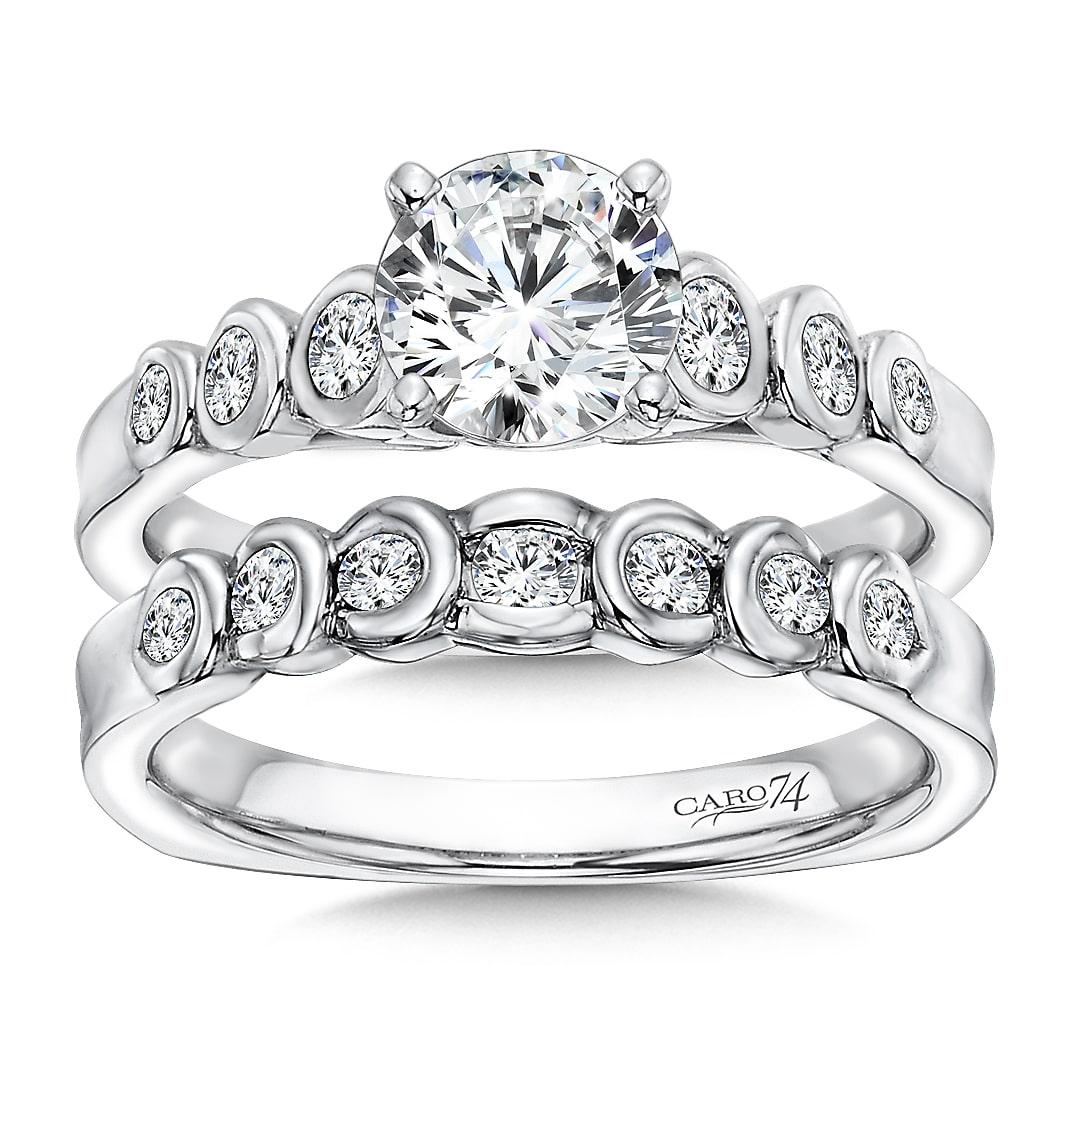 Wholesale Diamonds Dallas Custom Exlcusive Engagement Rings Dallas 1, Shira Diamonds